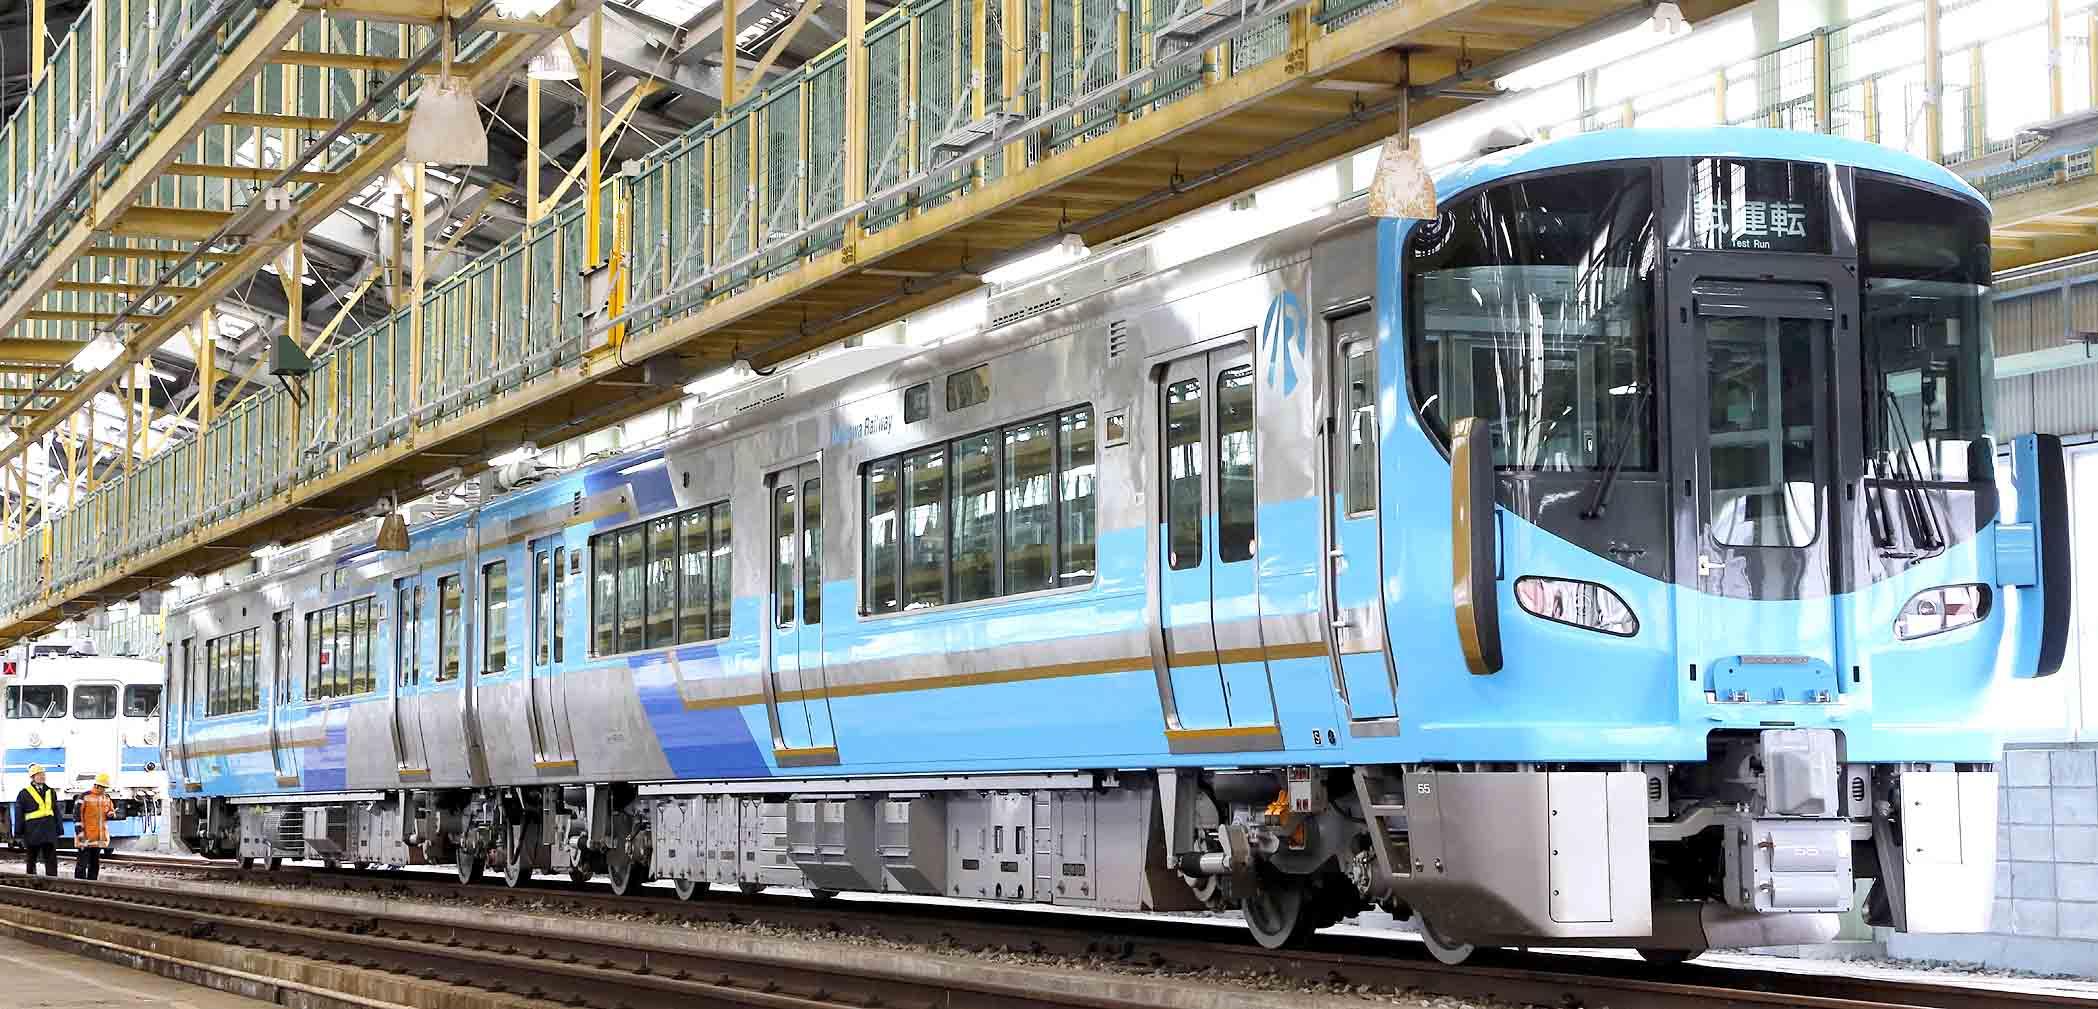 公開されたIRいしかわ鉄道の車両=金沢市の金沢総合車両所運用検修センター